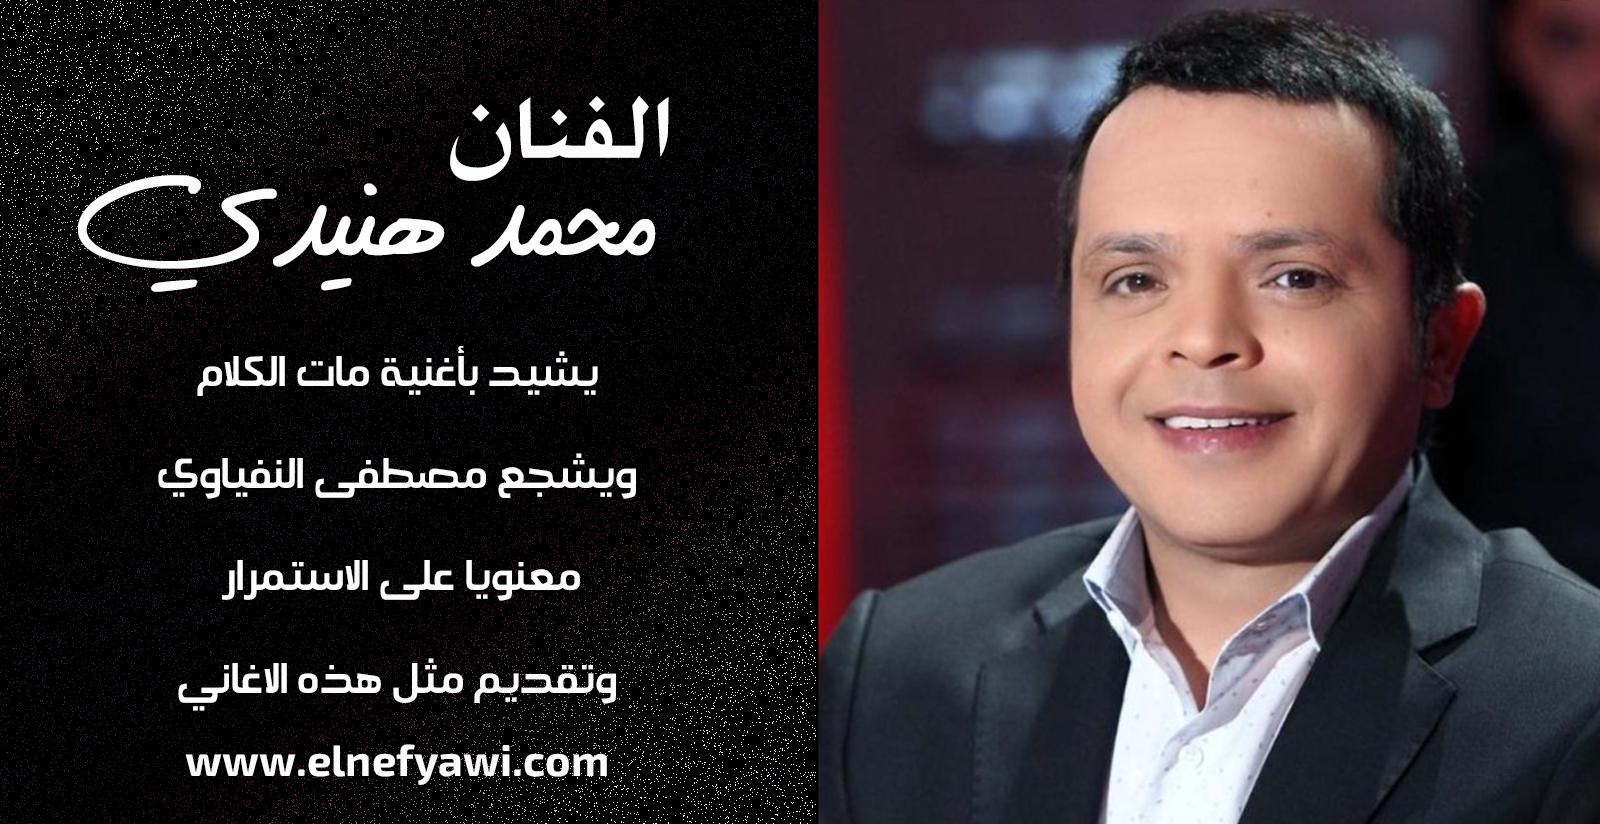 الفنان محمد هنيدي يدعم مصطفى النفياوي في الغناء